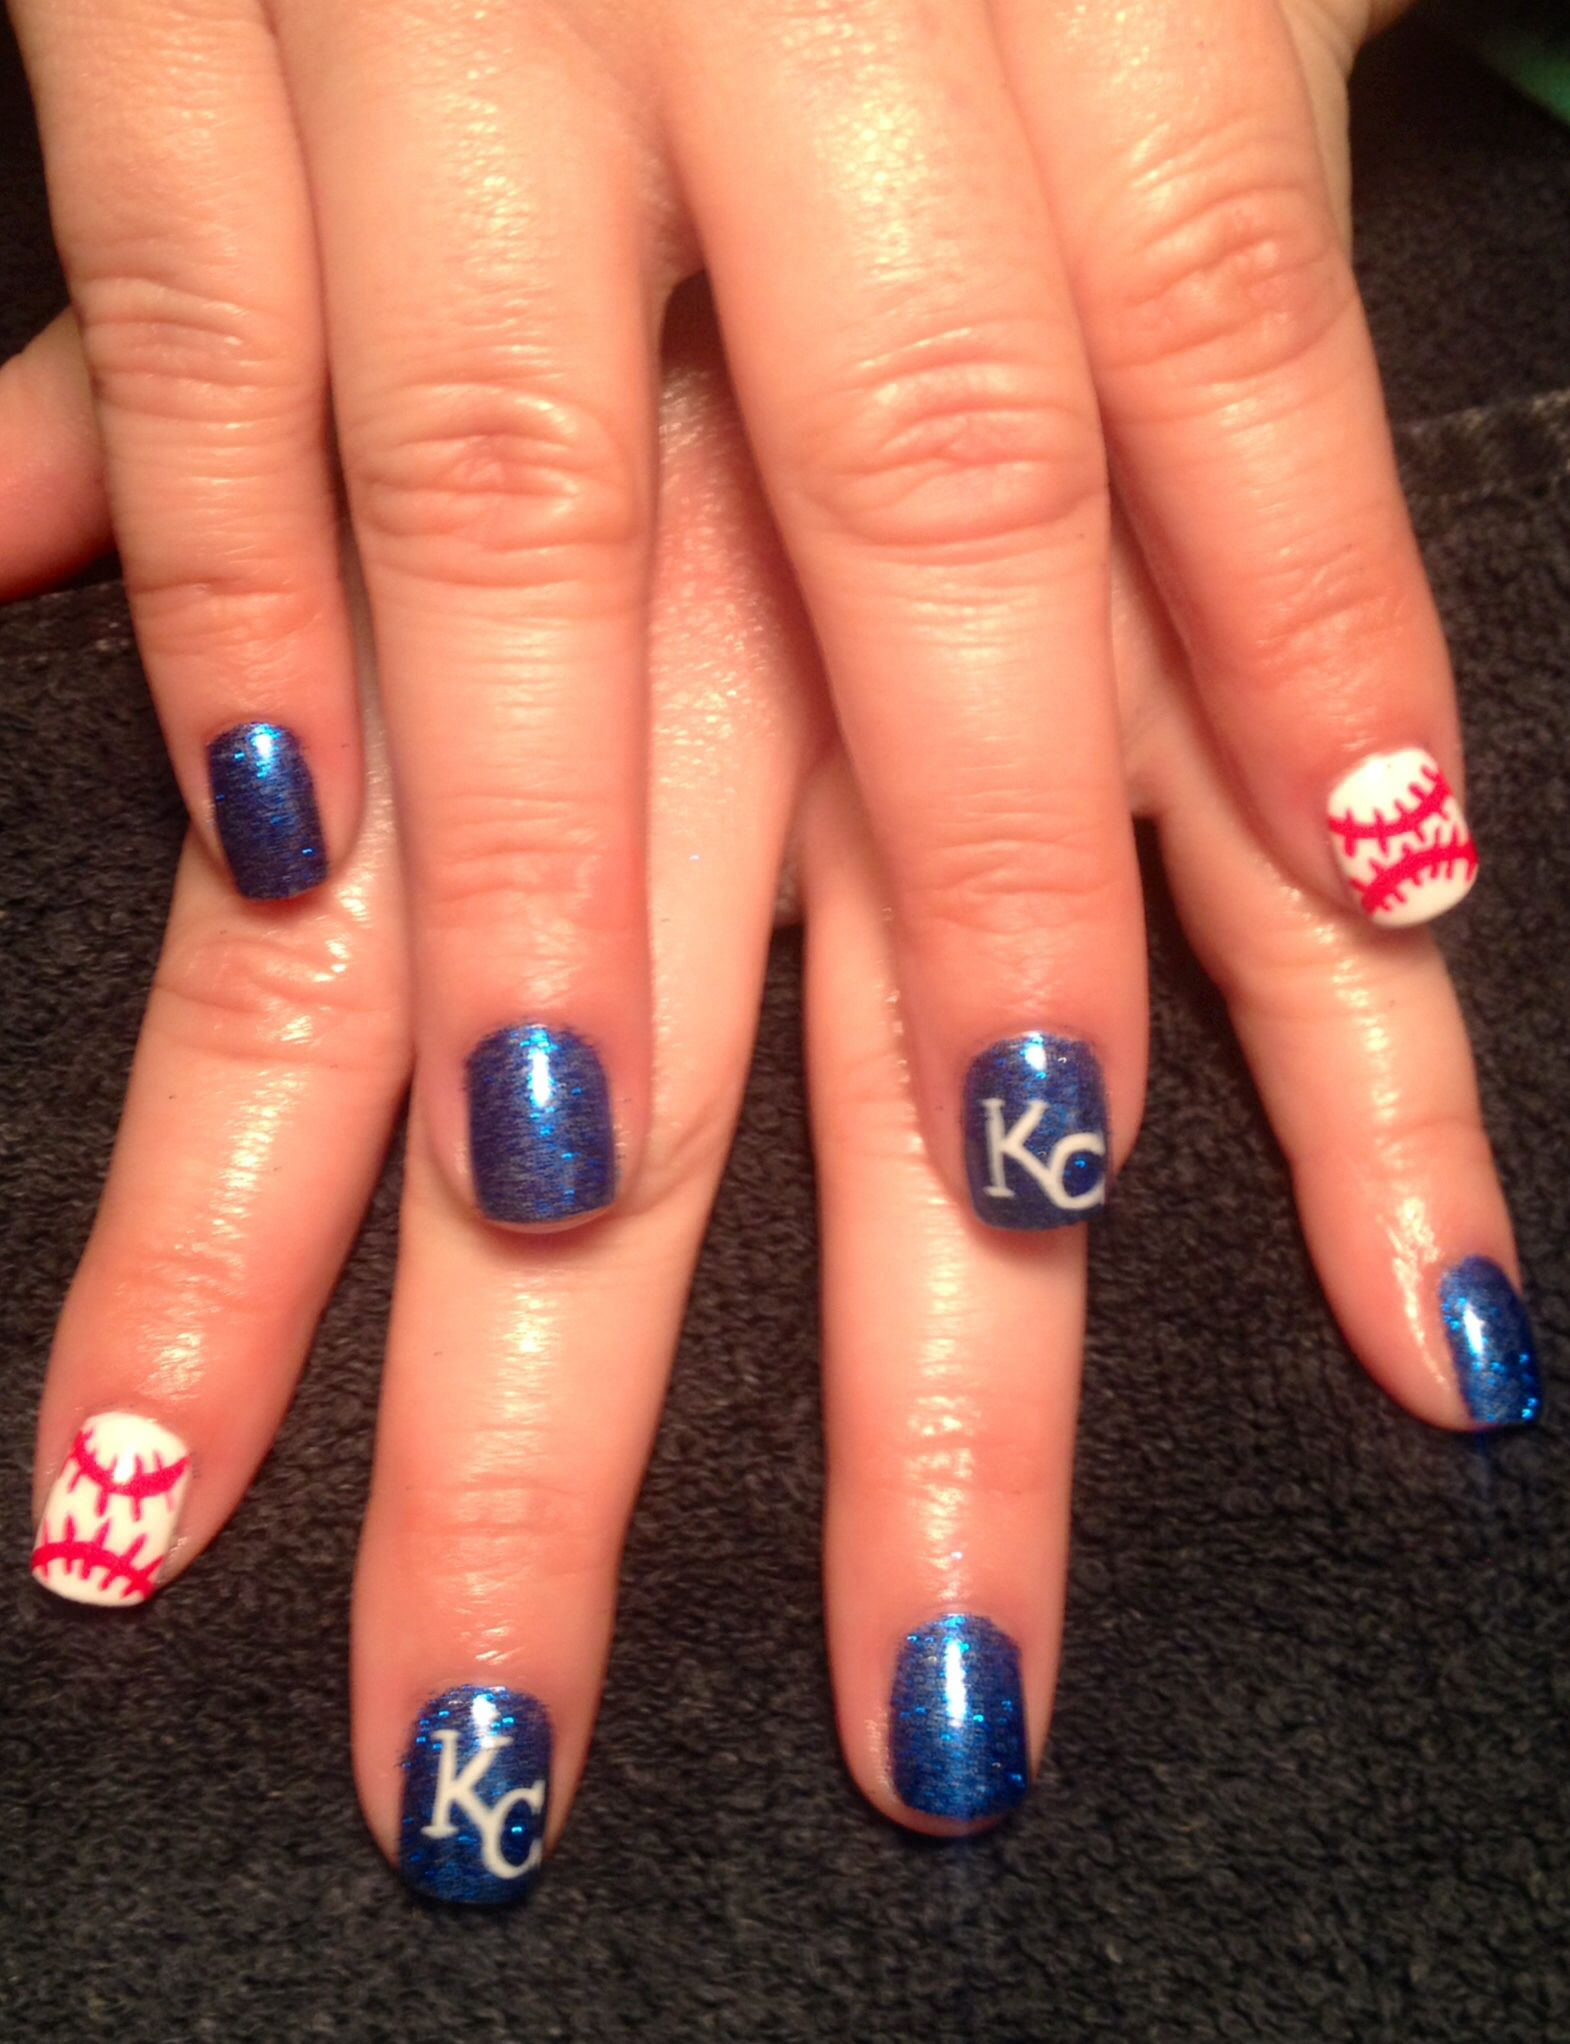 KC royals | Nail art creations | Pinterest | Hair makeup and Makeup